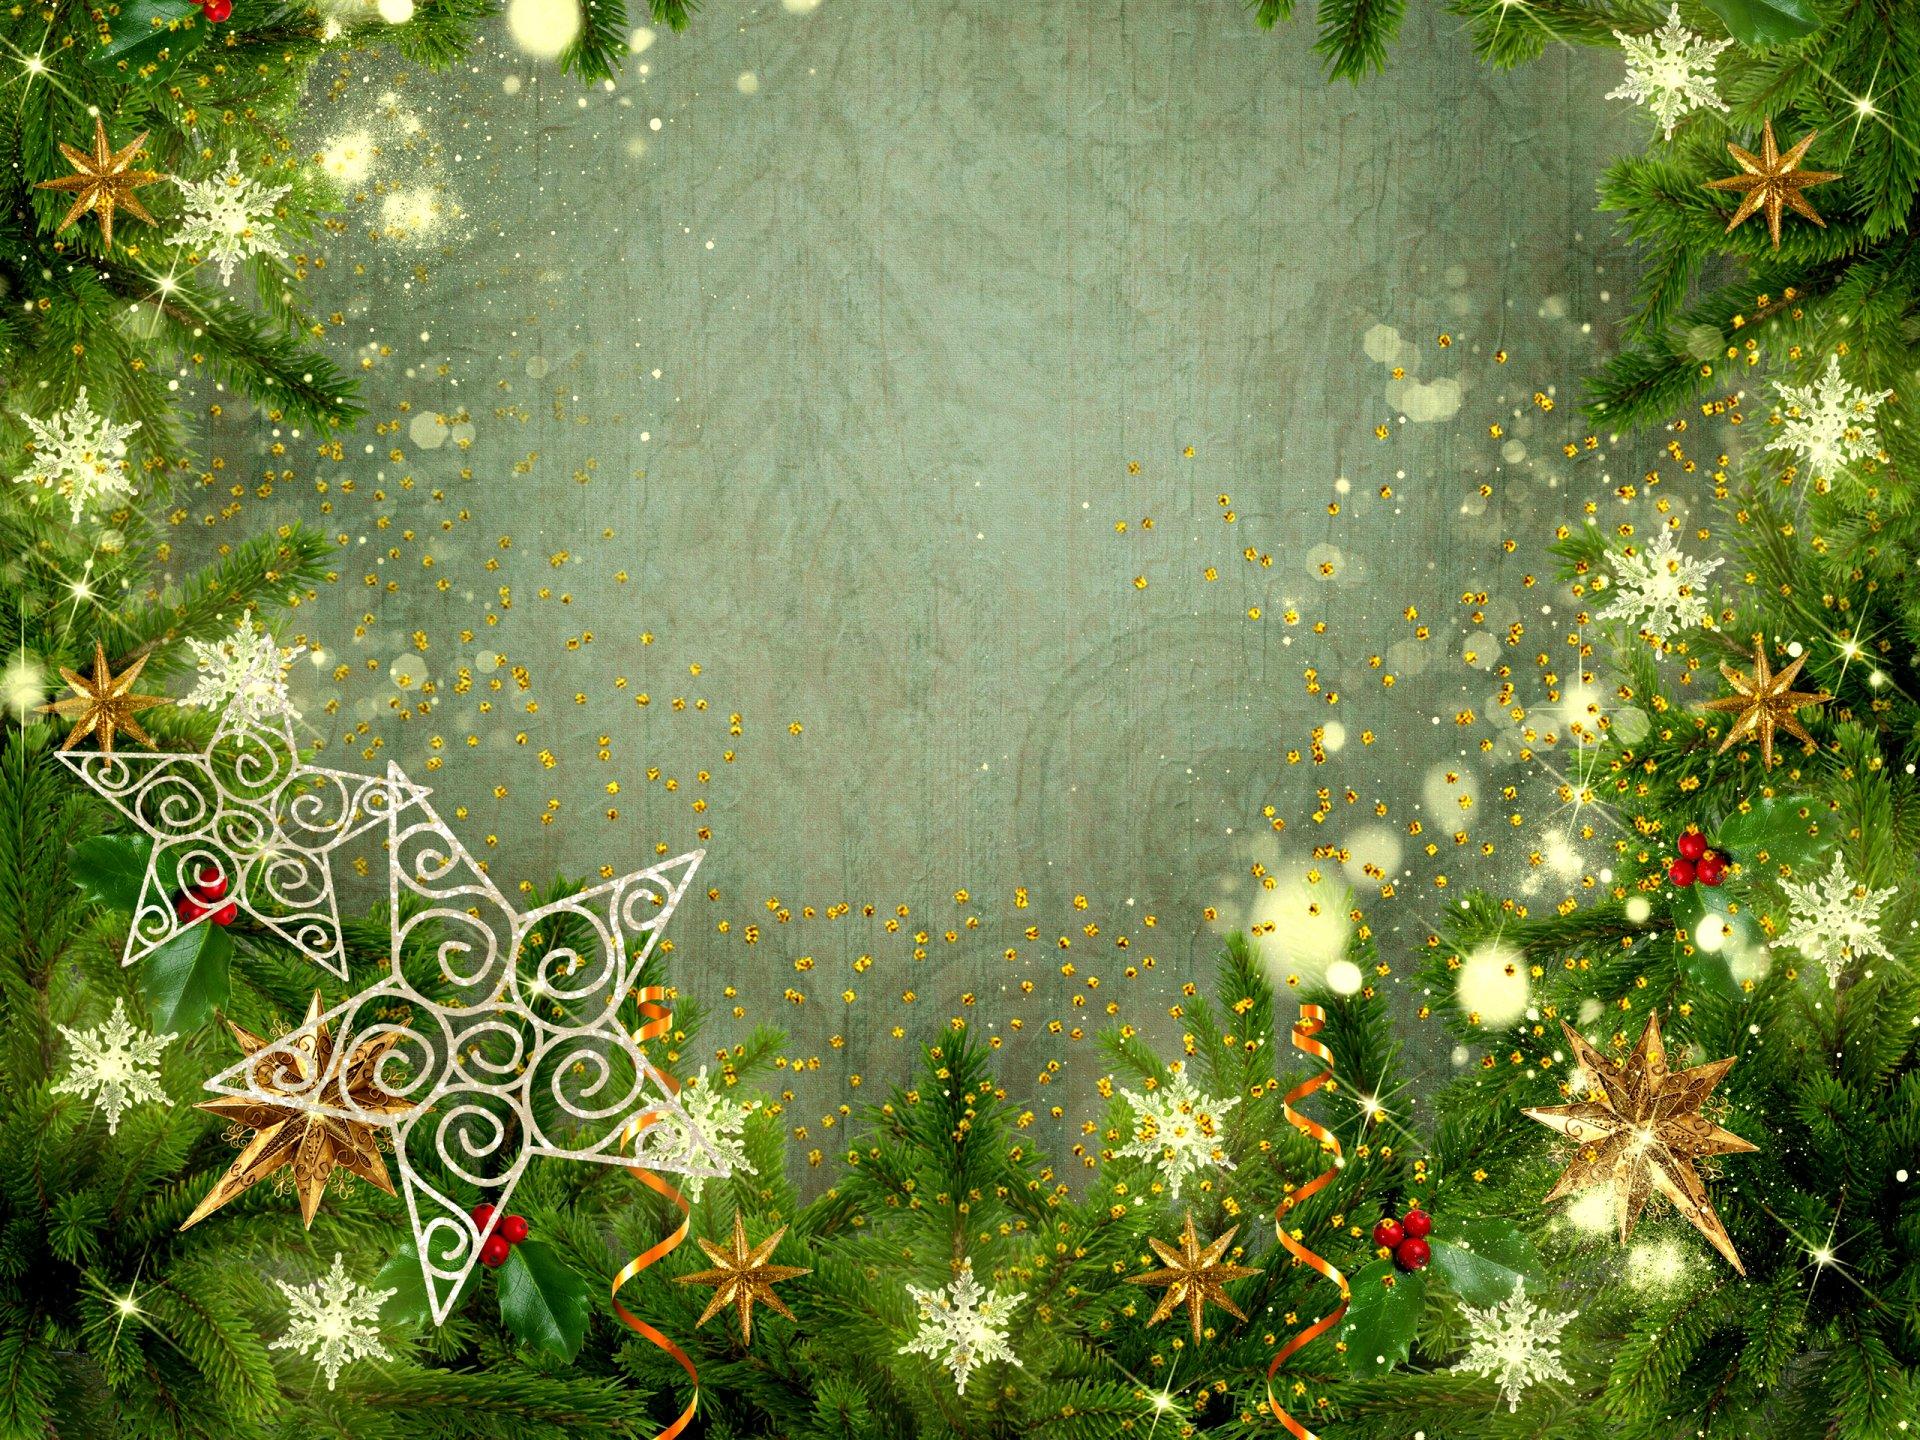 Открытка новым годом фотошоп